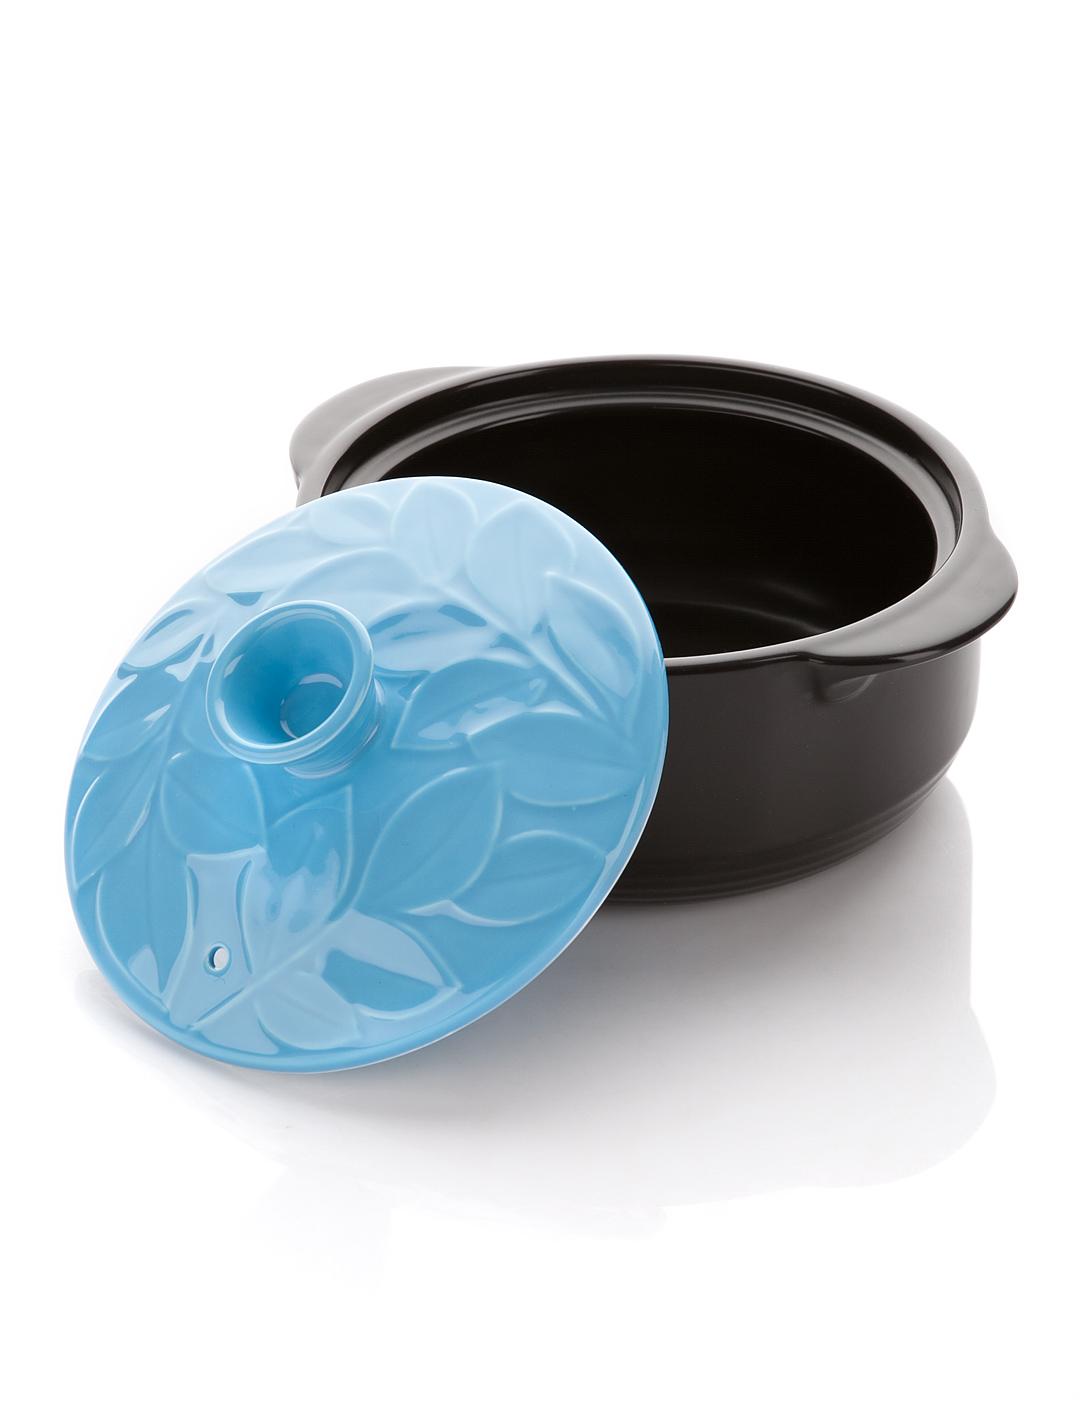 """Кастрюля """"Hans & Gretchen"""" изготовлена из экологически чистой жаропрочной   керамики. Керамическая крышка кастрюли оснащена отверстием для выпуска пара.   Кастрюля равномерно нагревает блюдо, долго сохраняя тепло и не выделяя   абсолютно никаких примесей в пищу. Кастрюля не искажает, а даже усиливает   вкус пищи. Крышка изделия оформлена рельефным изображением листьев.   Превосходно служит для замораживания продуктов в холодильнике (до -20°С).   Кастрюля устойчива к химическим и механическим воздействиям. Благодаря   толстым стенкам изделие нагревается равномерно. Кастрюля """"Hans & Gretchen"""" прекрасно подойдет для запекания и тушения   овощей, мяса и других блюд, а оригинальный дизайн и яркое оформление украсят   ваш стол.  Можно мыть в посудомоечной машине. Кастрюля предназначена для   использования на газовой и электрической плитах, в духовке и микроволновой   печи. Не подходит для индукционных плит. Высота стенки: 9 см. Ширина кастрюли (с учетом ручек): 25 см. Толщина дна: 5 мм. Толщина стенки: 5 мм."""